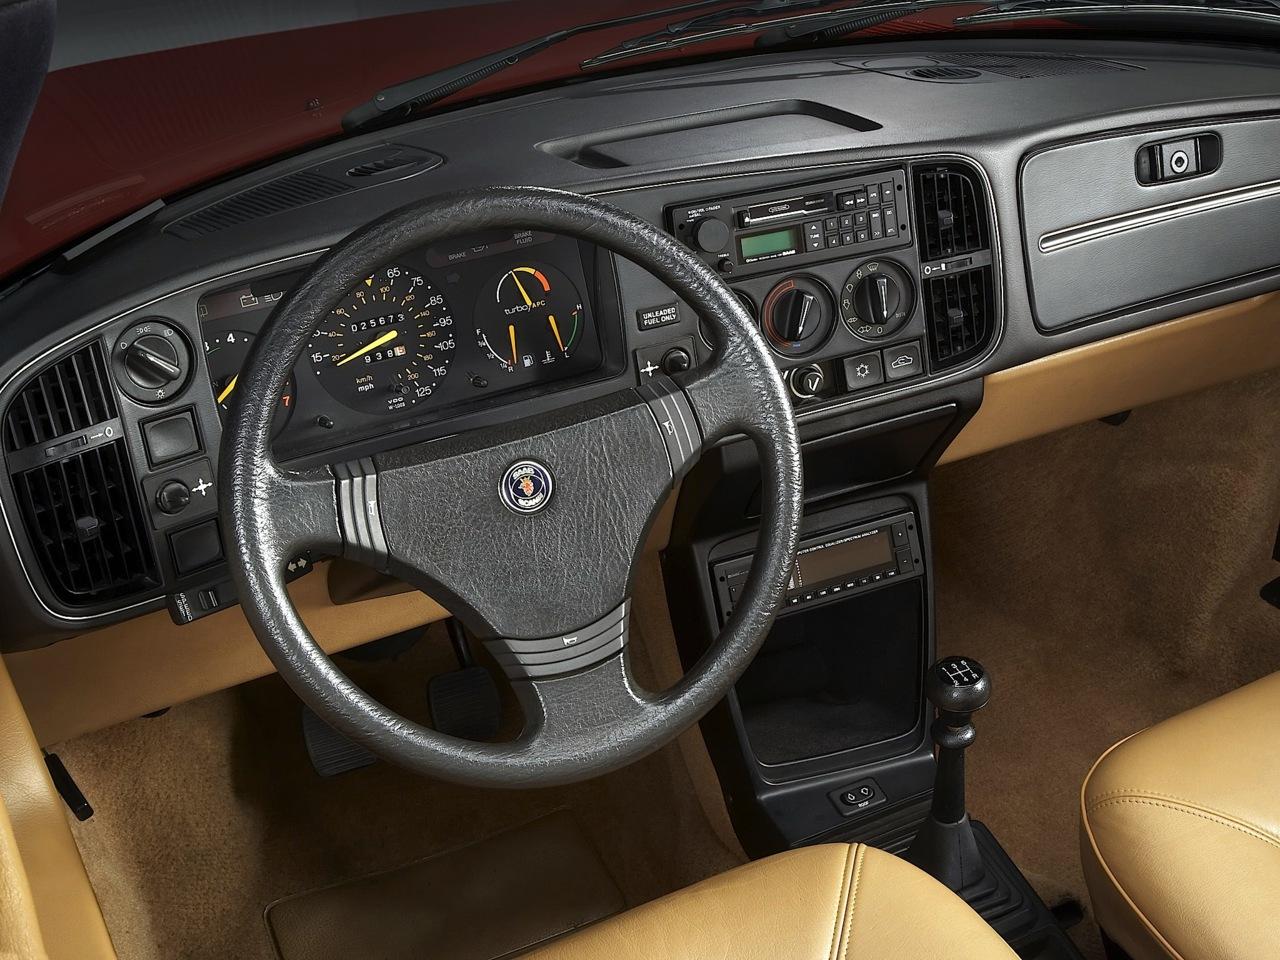 saab-900-interior-1